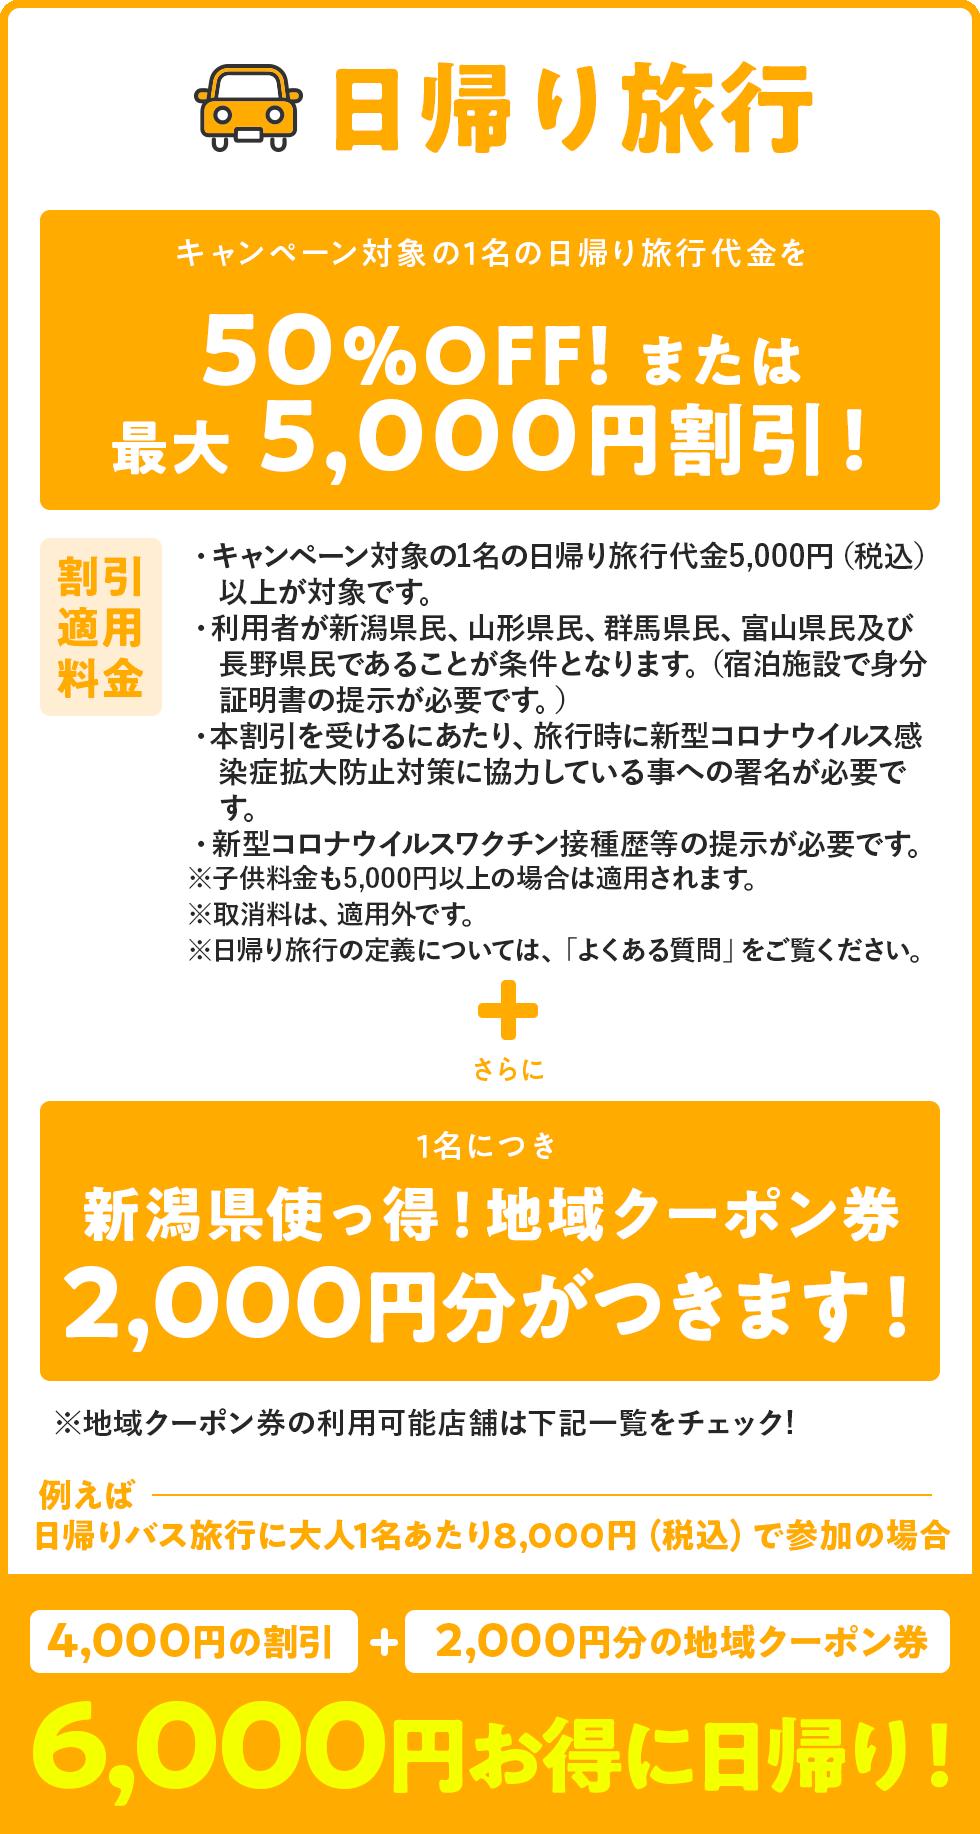 日帰り旅行:6,000円お得に宿泊!